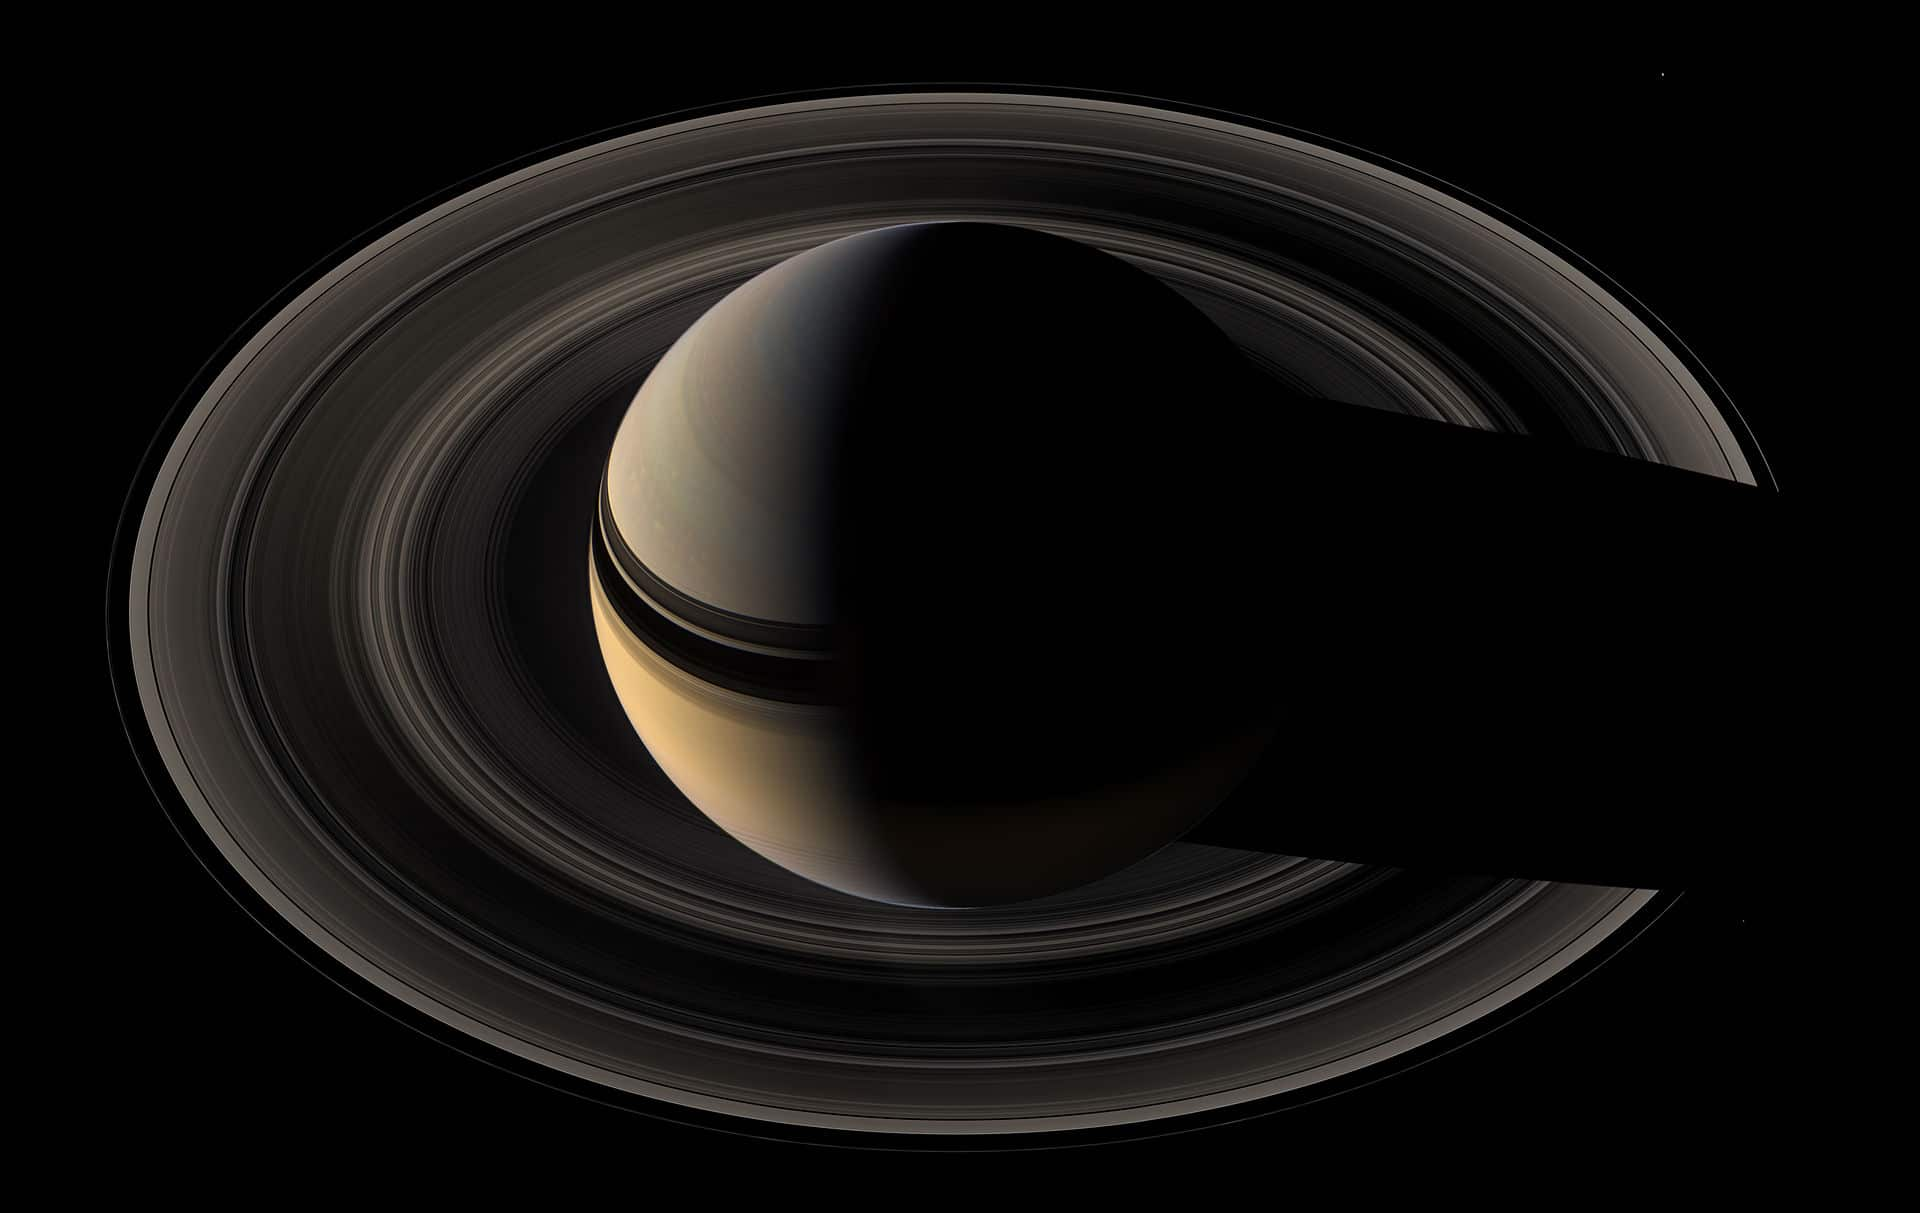 Las lunas pastoras y los ondulados anillos de Saturno